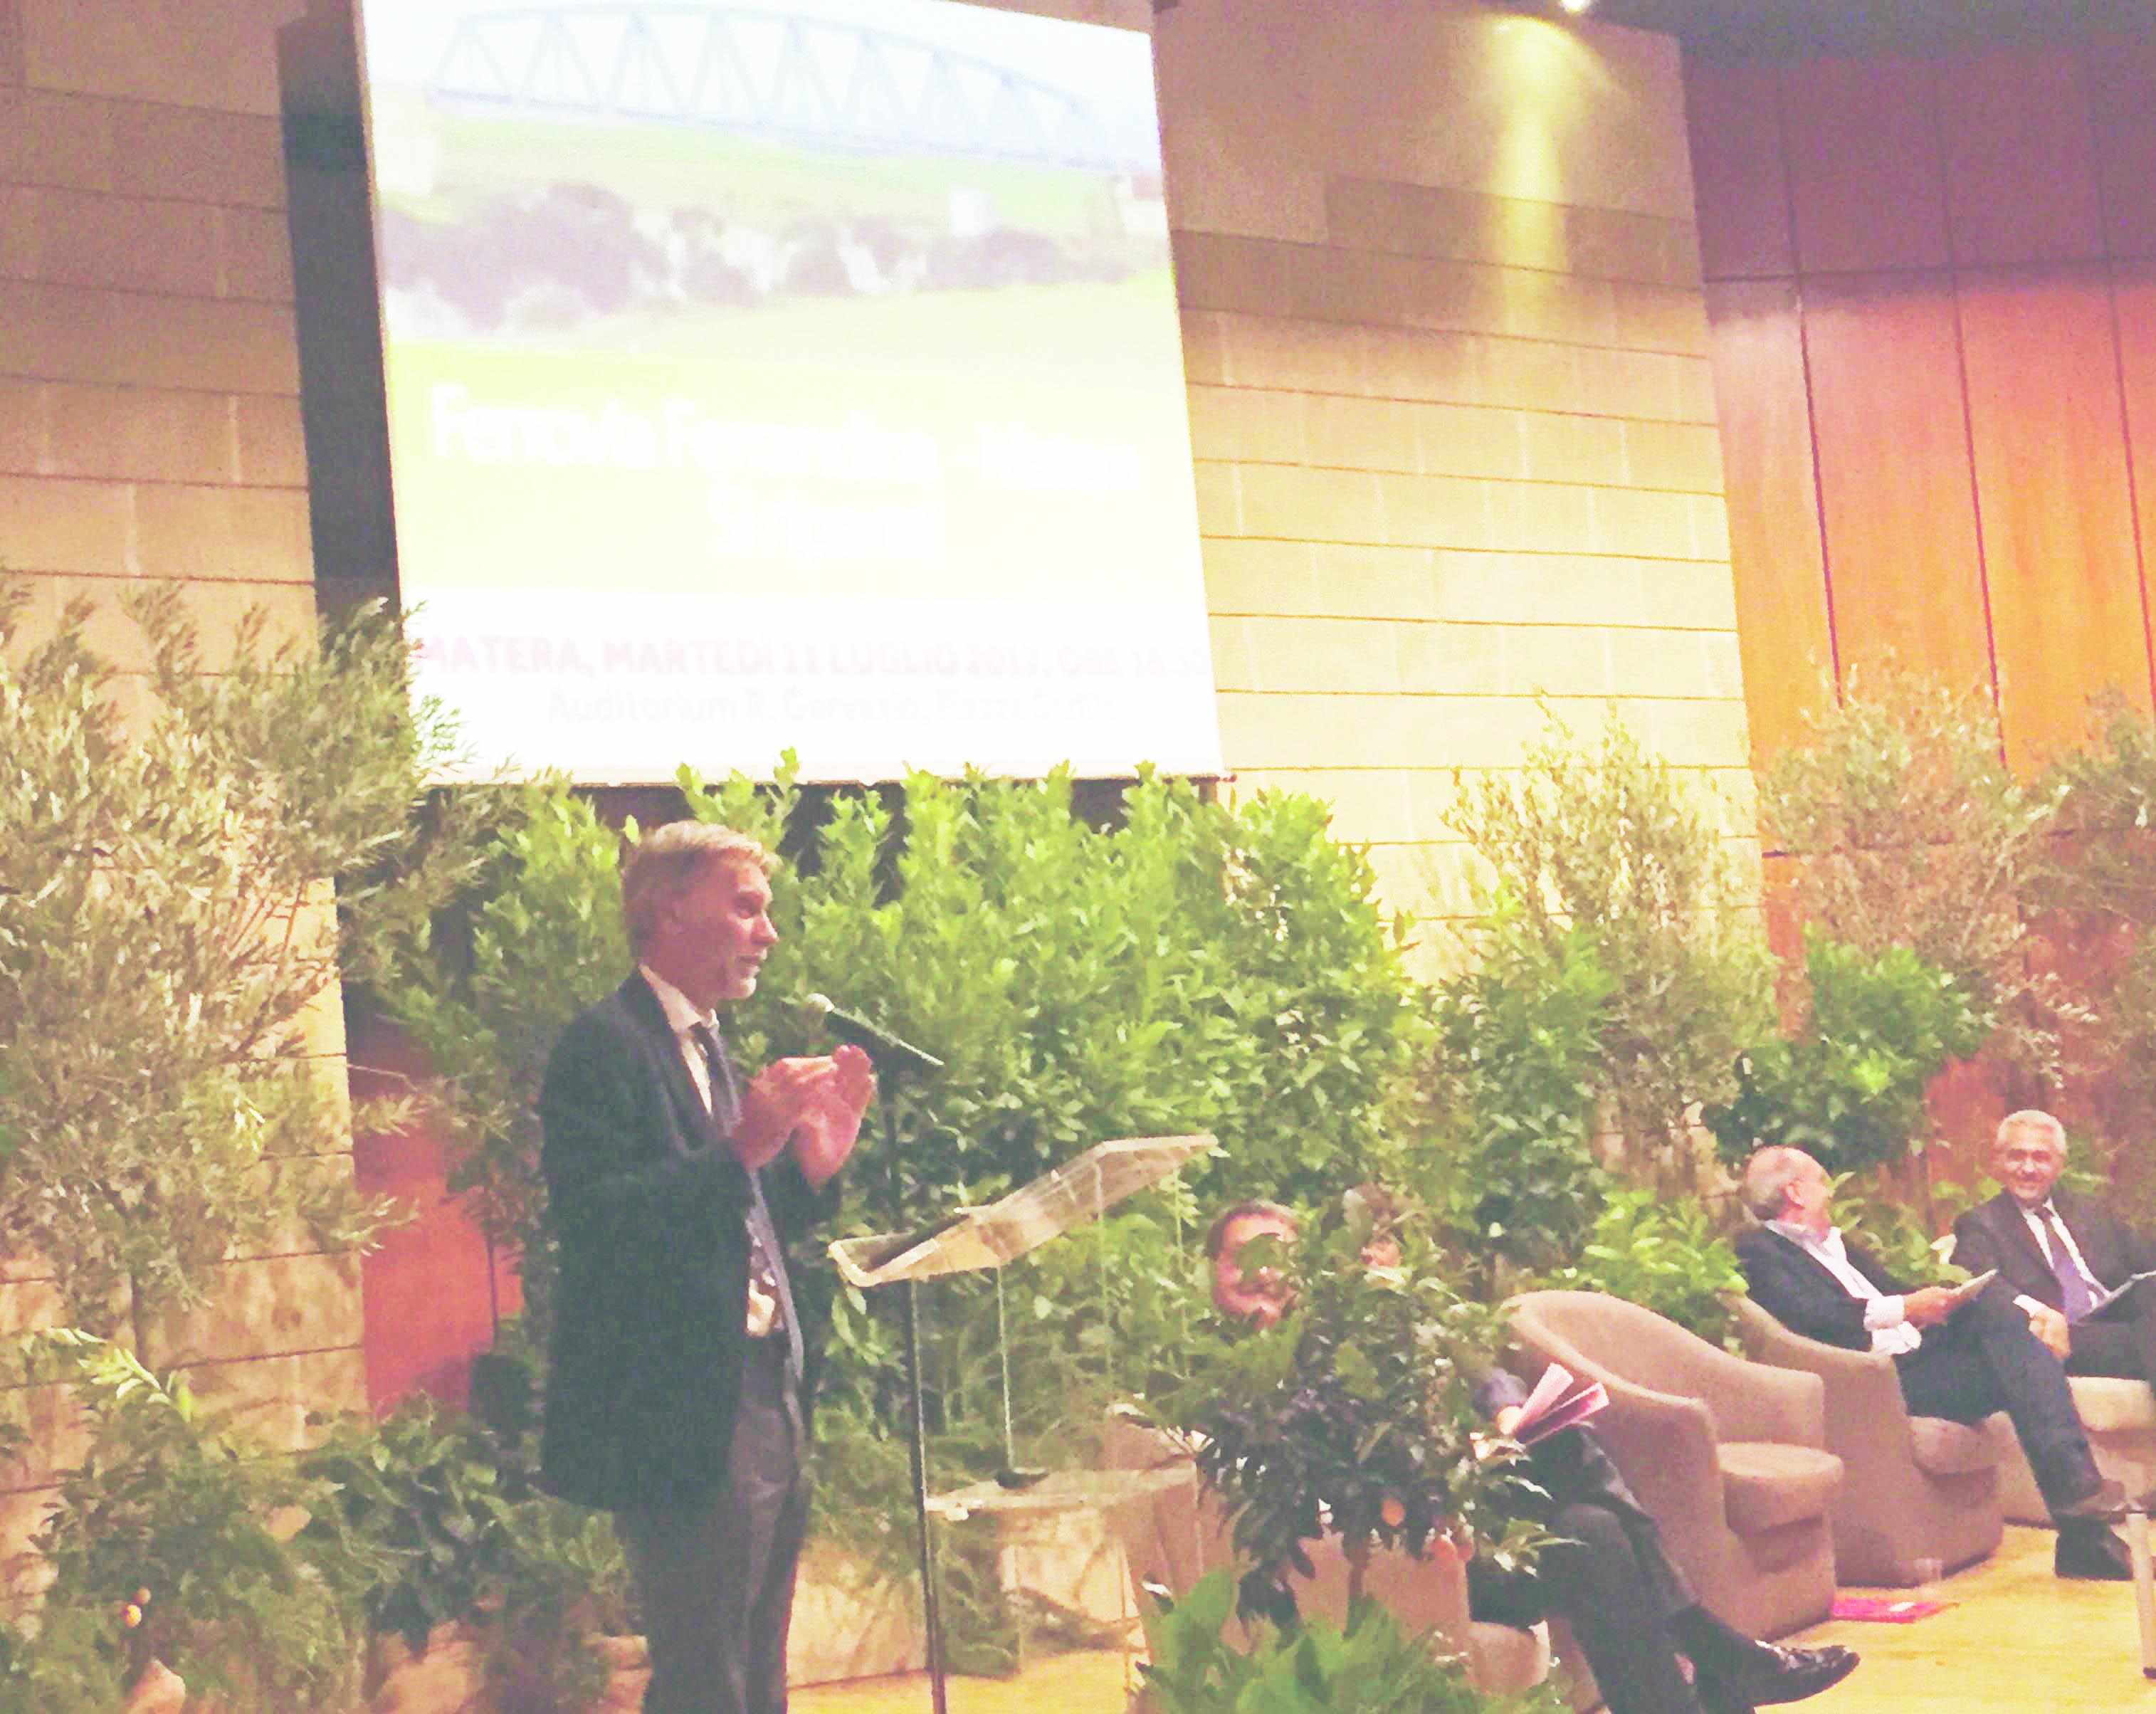 Trasporto ferroviario, via ai lavori alla galleria Miglionico: il ministro Delrio: «La ferrovia Matera-Ferrandina si farà»